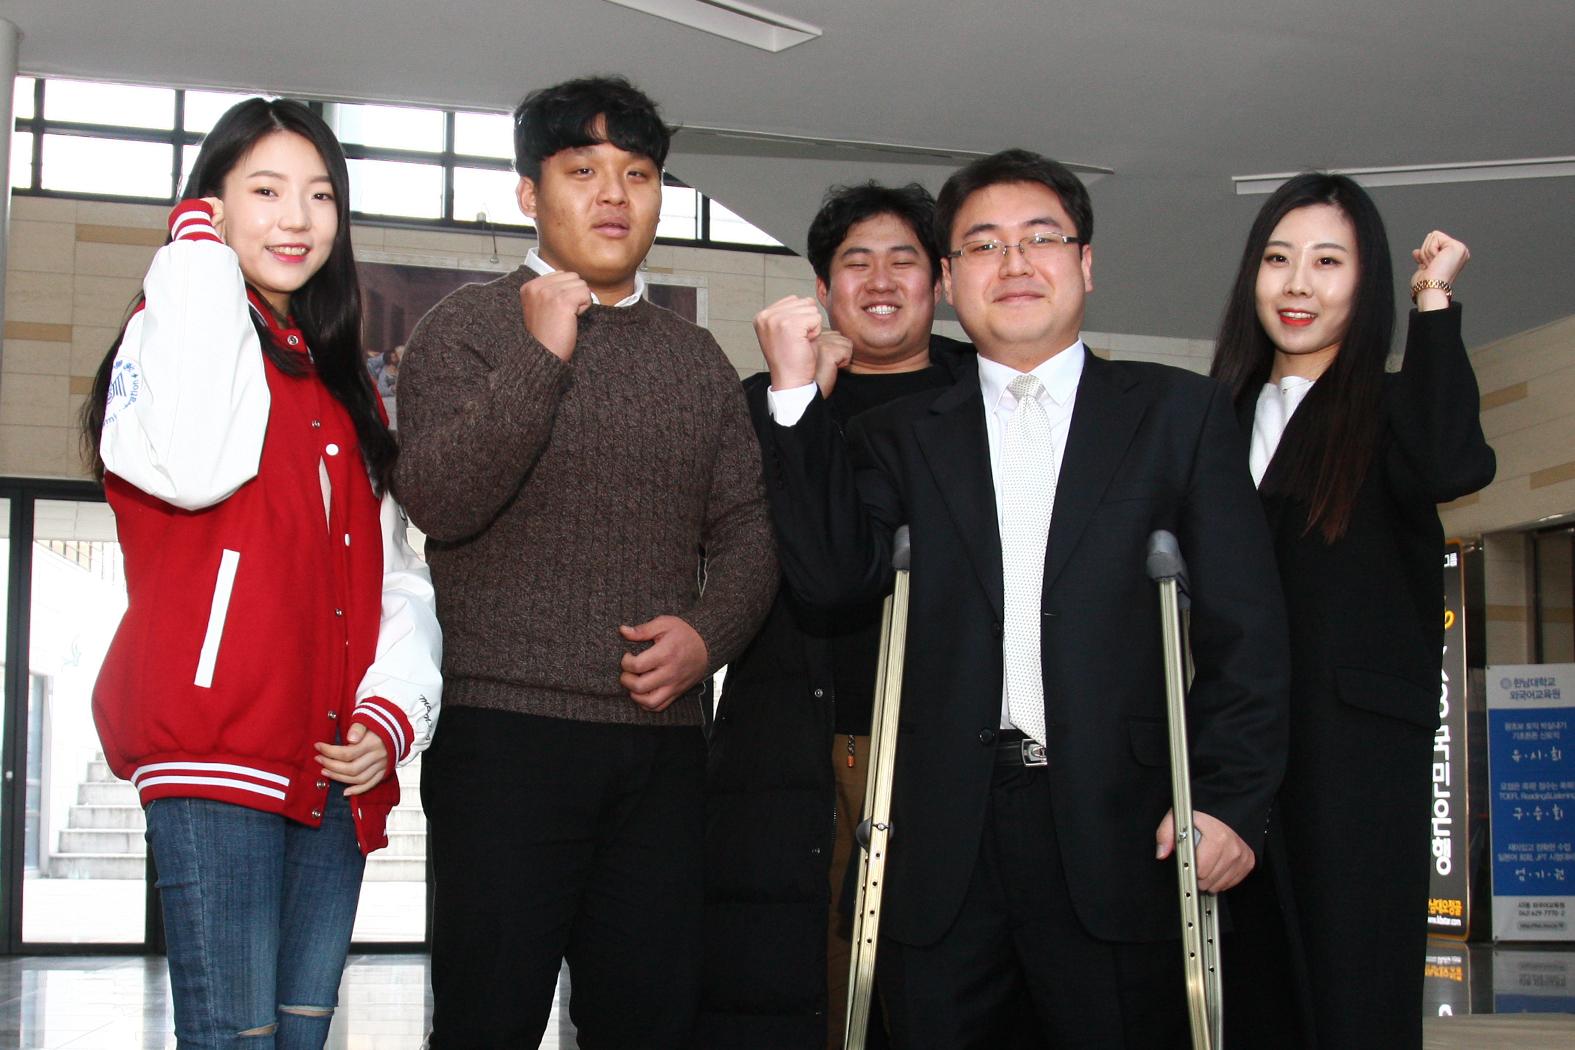 한남대 박경순(오른쪽에서 둘째)교수가 학생들과 파이팅을 외치고 있다. [사진 한남대]